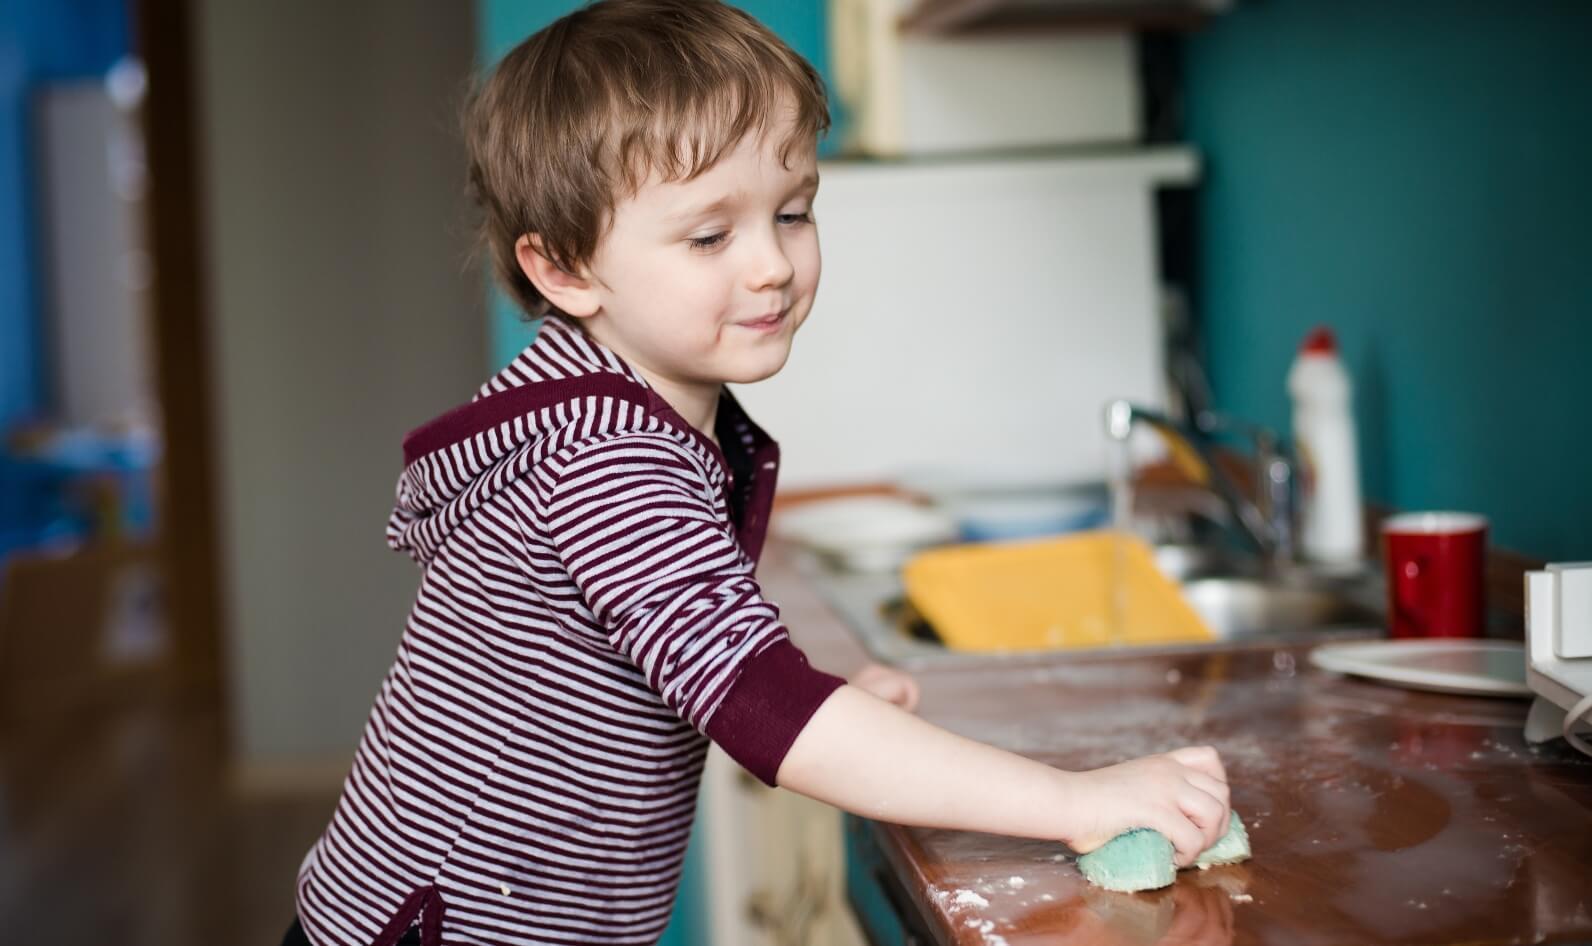 Khuyến khích trẻ phụ giúp việc nhà sẽ giúp các bé phát triển nhân cách tốt hơn, dễ đạt được nhiều thành công hơn trong cuộc sống. (Ảnh minh họa)